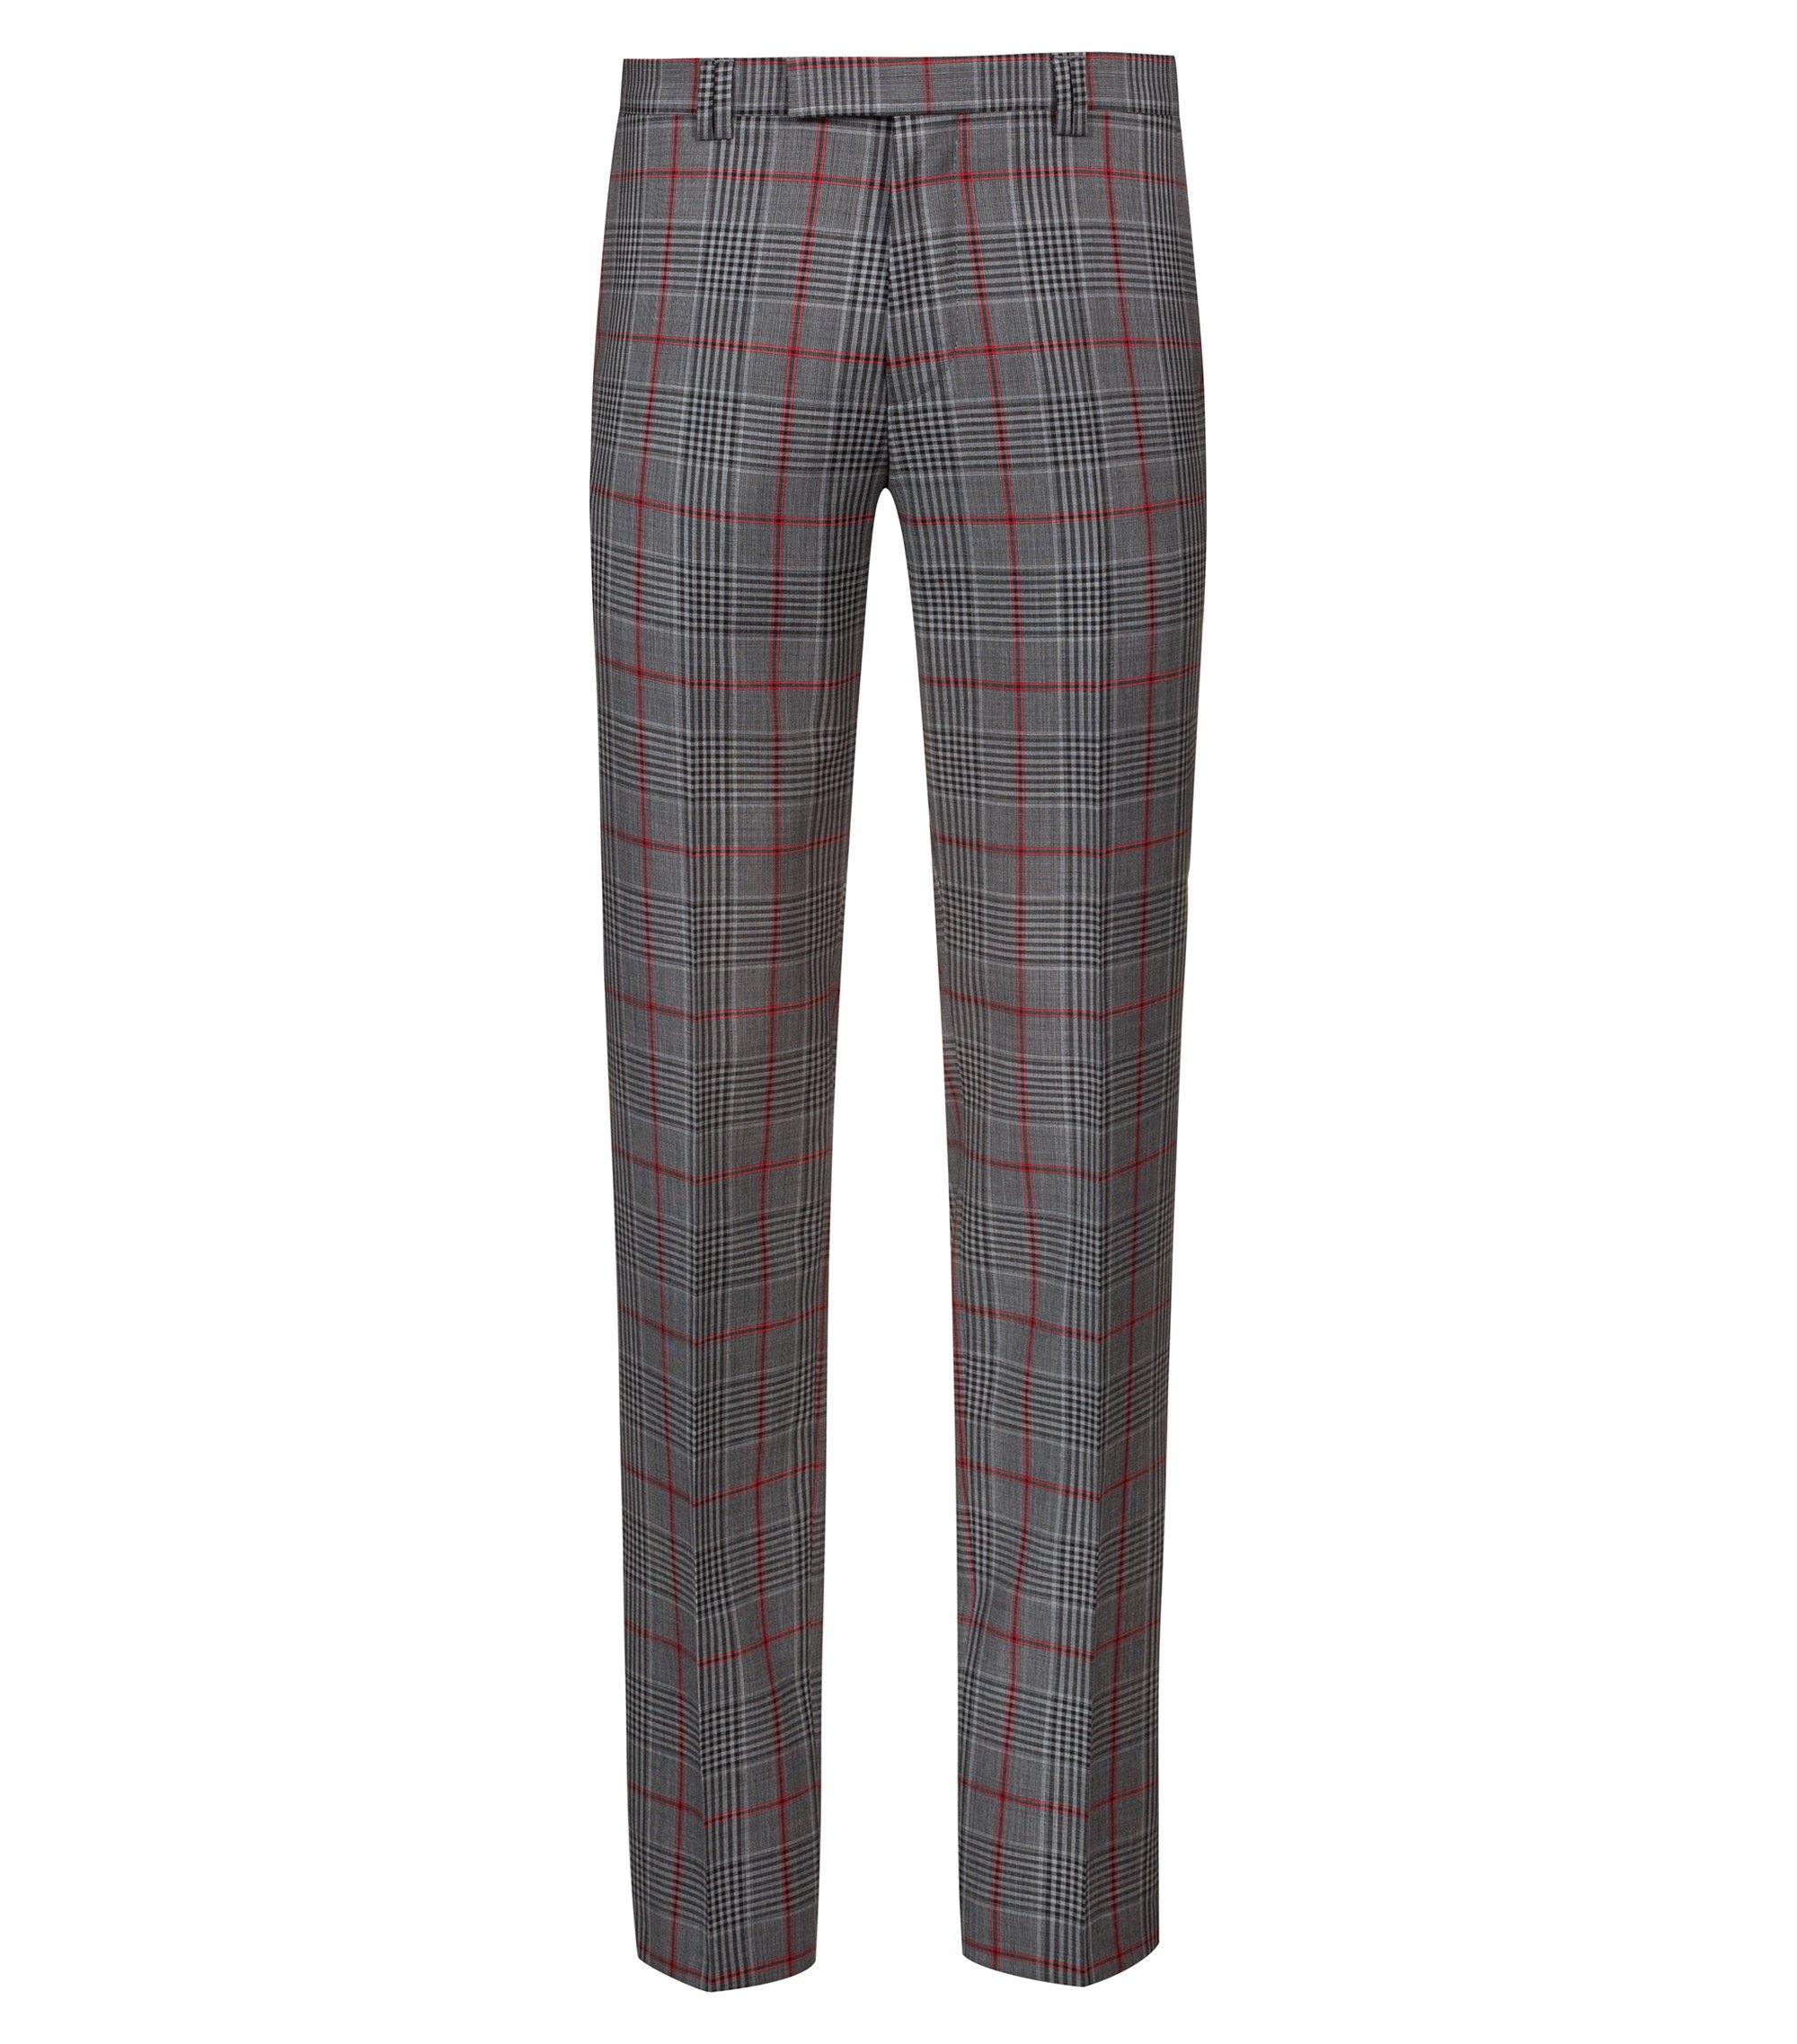 Pantalon Extra Slim Fit en laine vierge à carreaux, Fantaisie